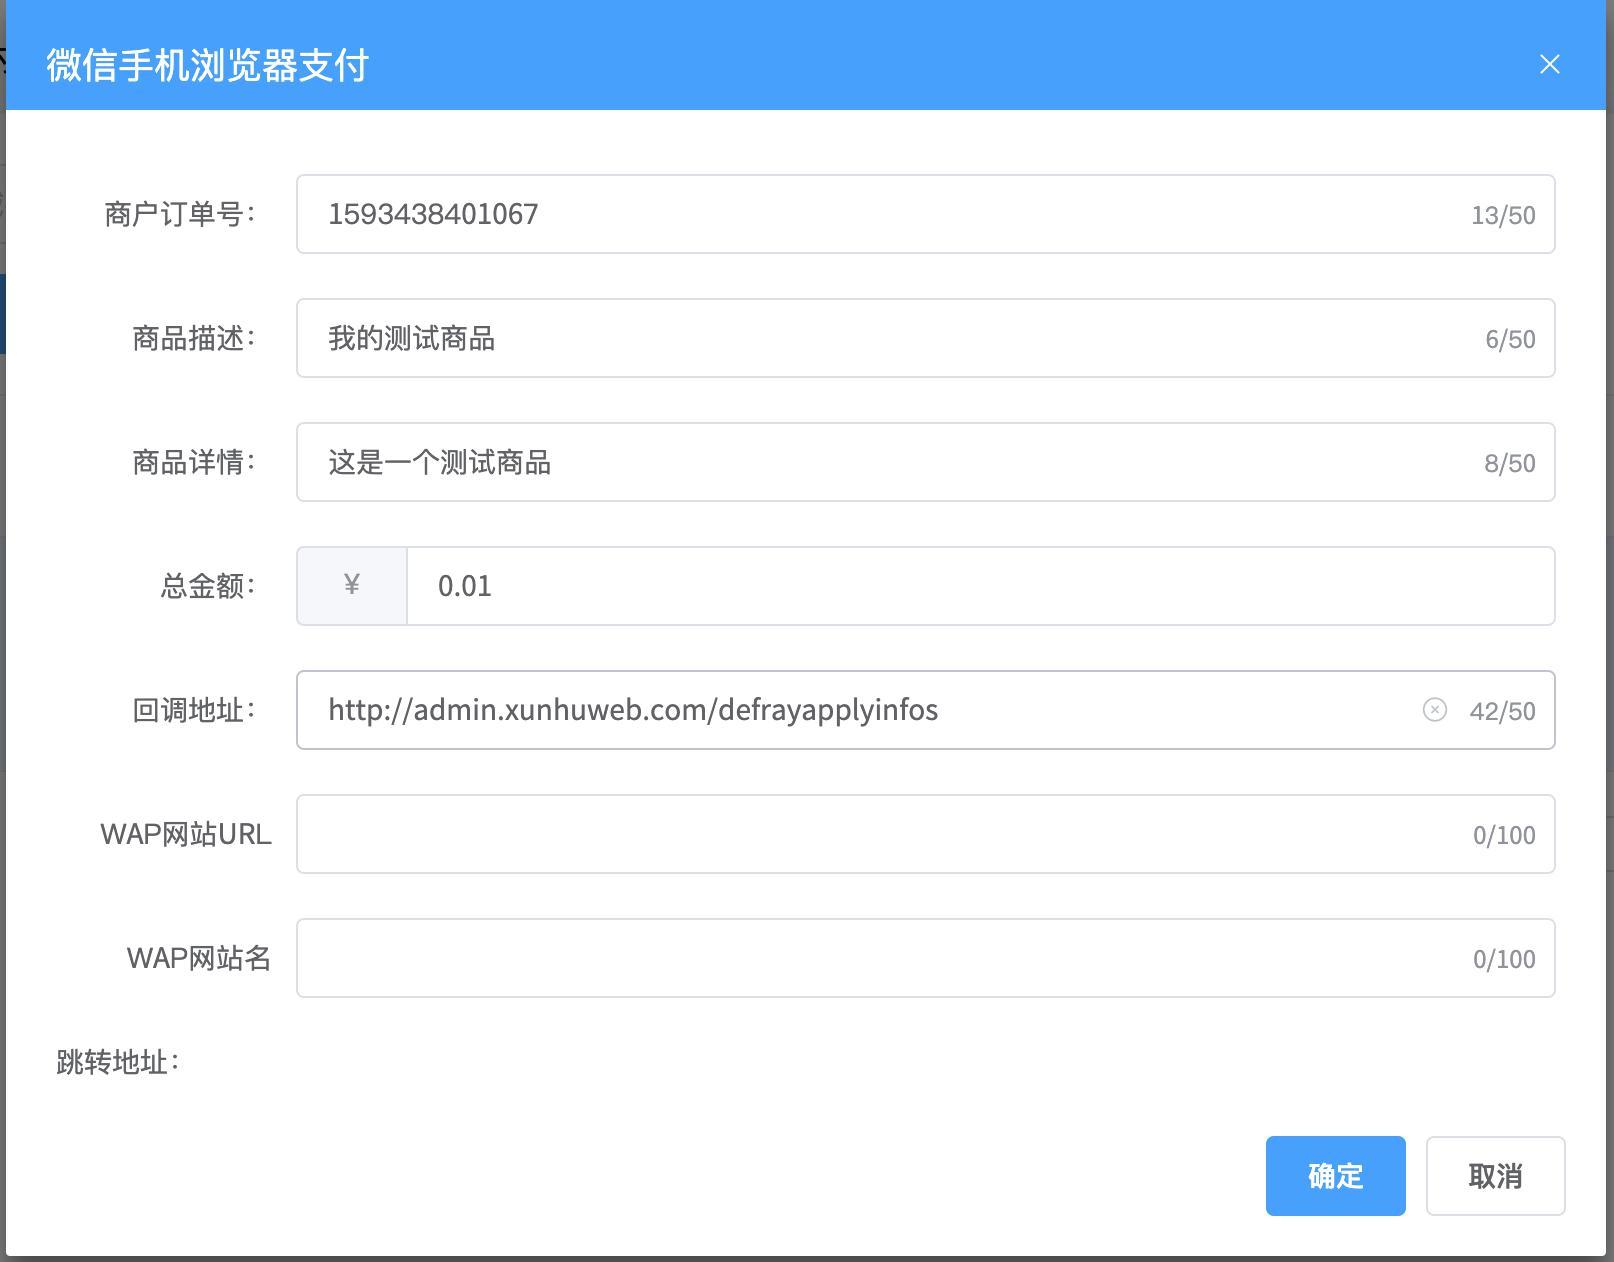 微信H5支付个人接口测试指南